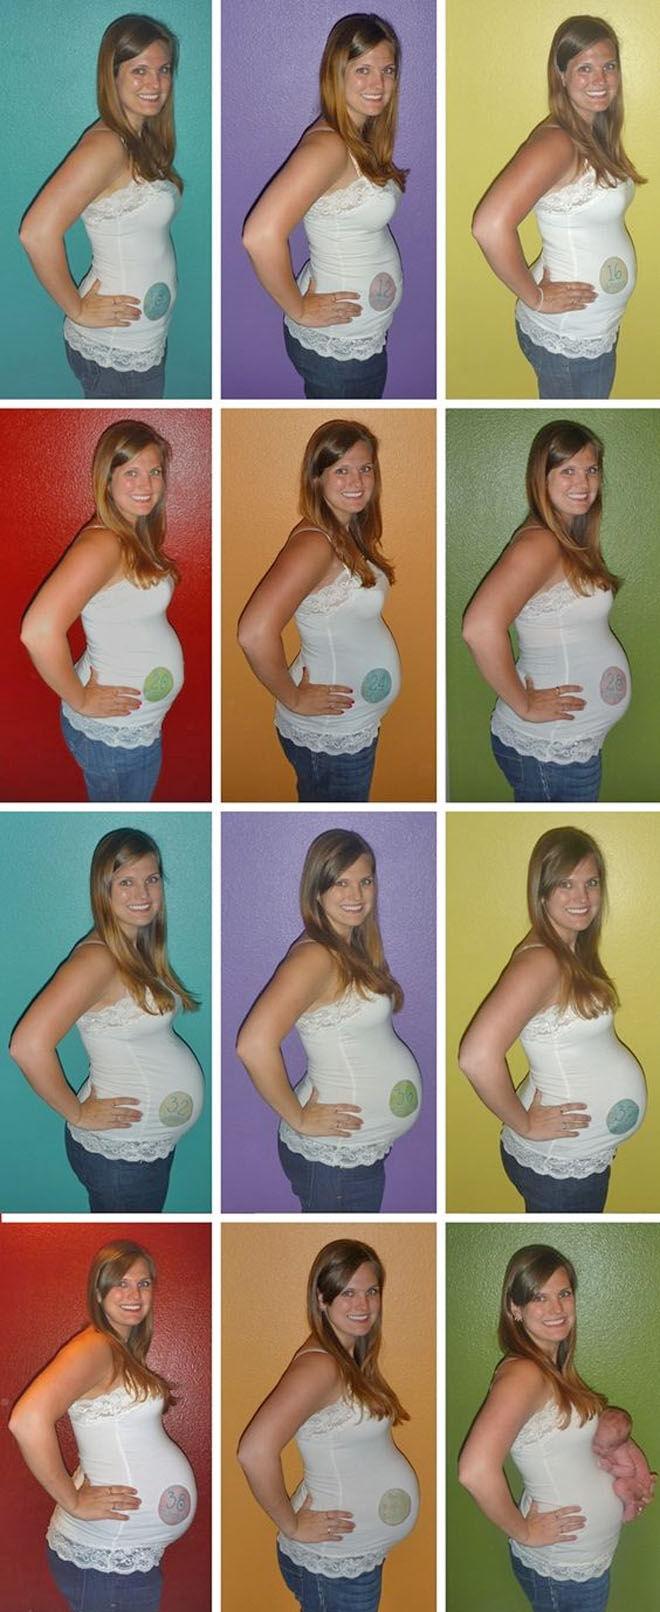 Rainbow pregnancy timeline photos